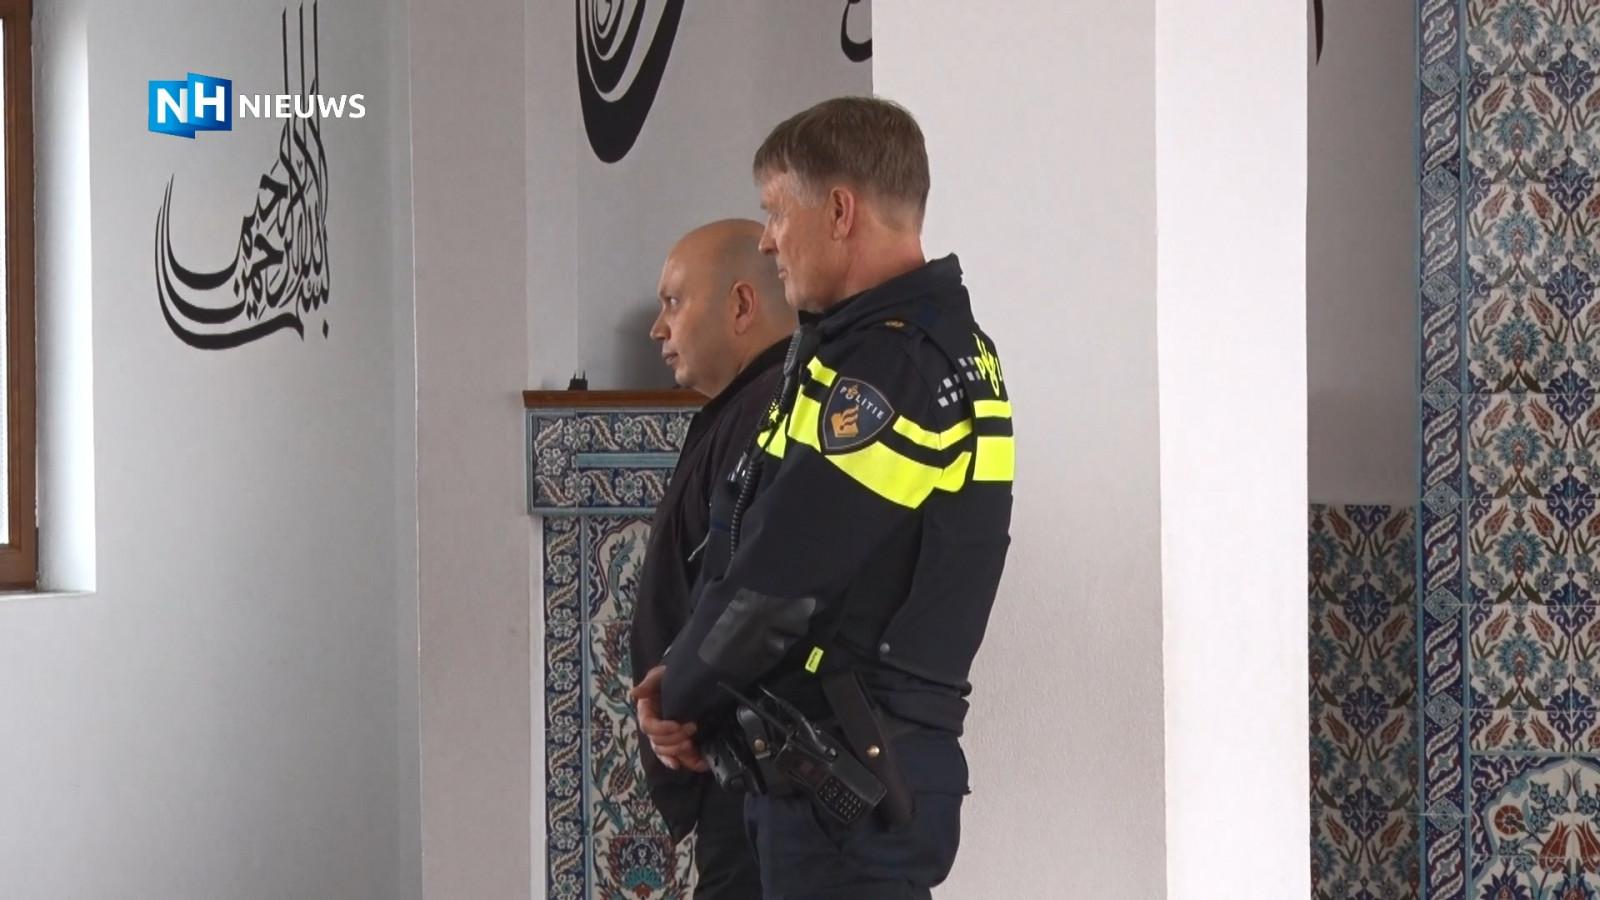 Aanslag Nieuw Zeeland Video Update: Maatregelen Bij Noord-Hollandse Moskeeën Na Aanslag Nieuw